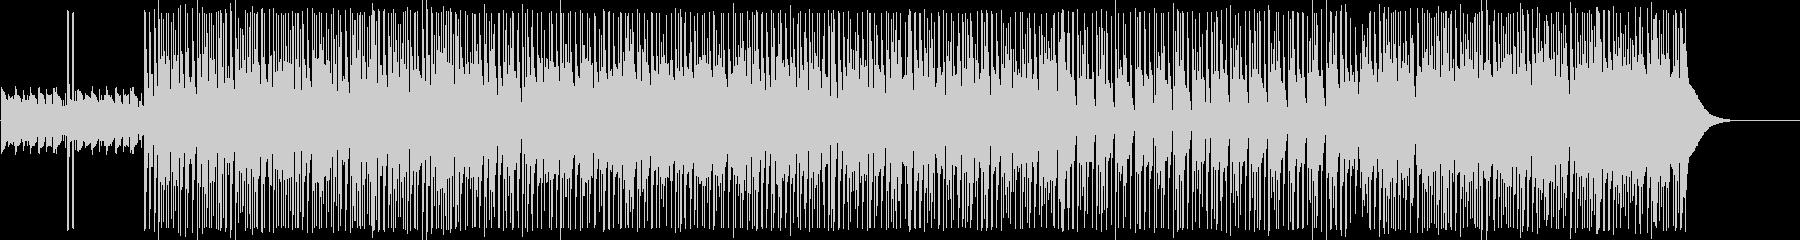 うきうきルンルンなおしゃれポップスの未再生の波形